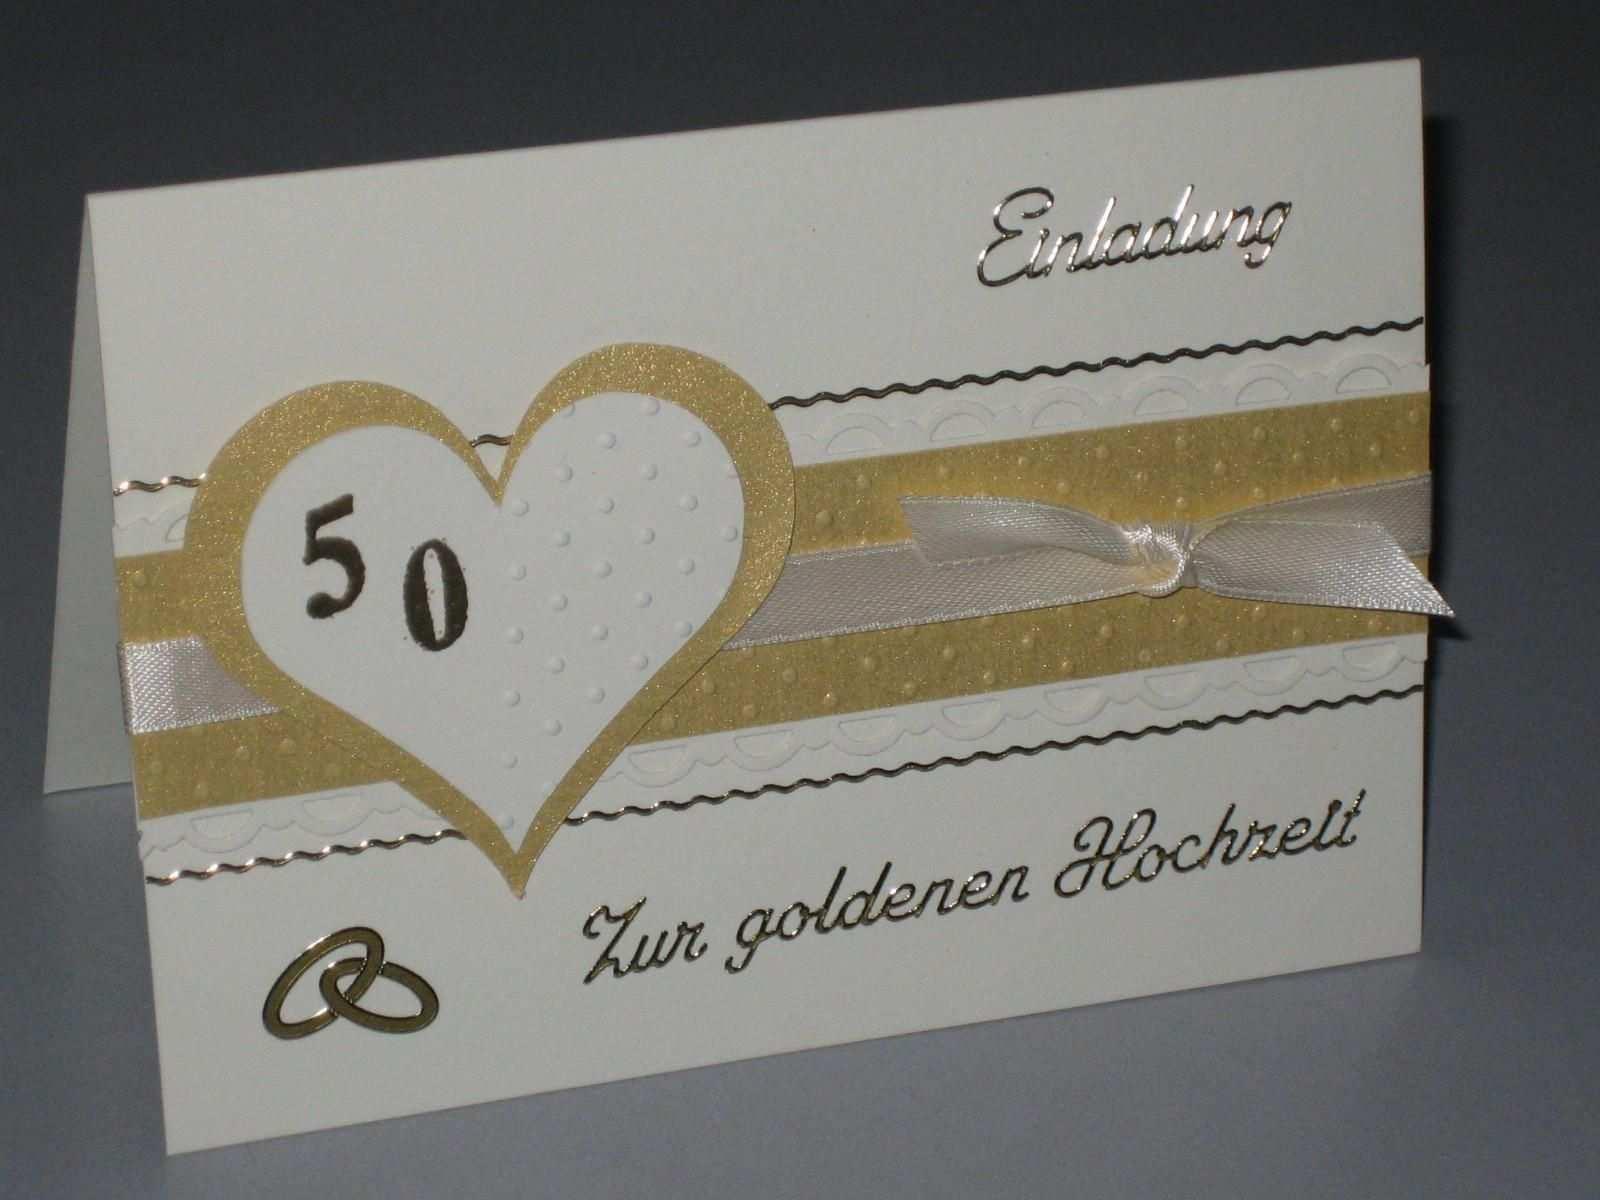 Einladungskarten Goldene Hochzeit Vorlagen Einladung Goldene Hochzeit Einladungskarten Goldene Hochzeit Einladungskarten Hochzeit Selbst Gestalten